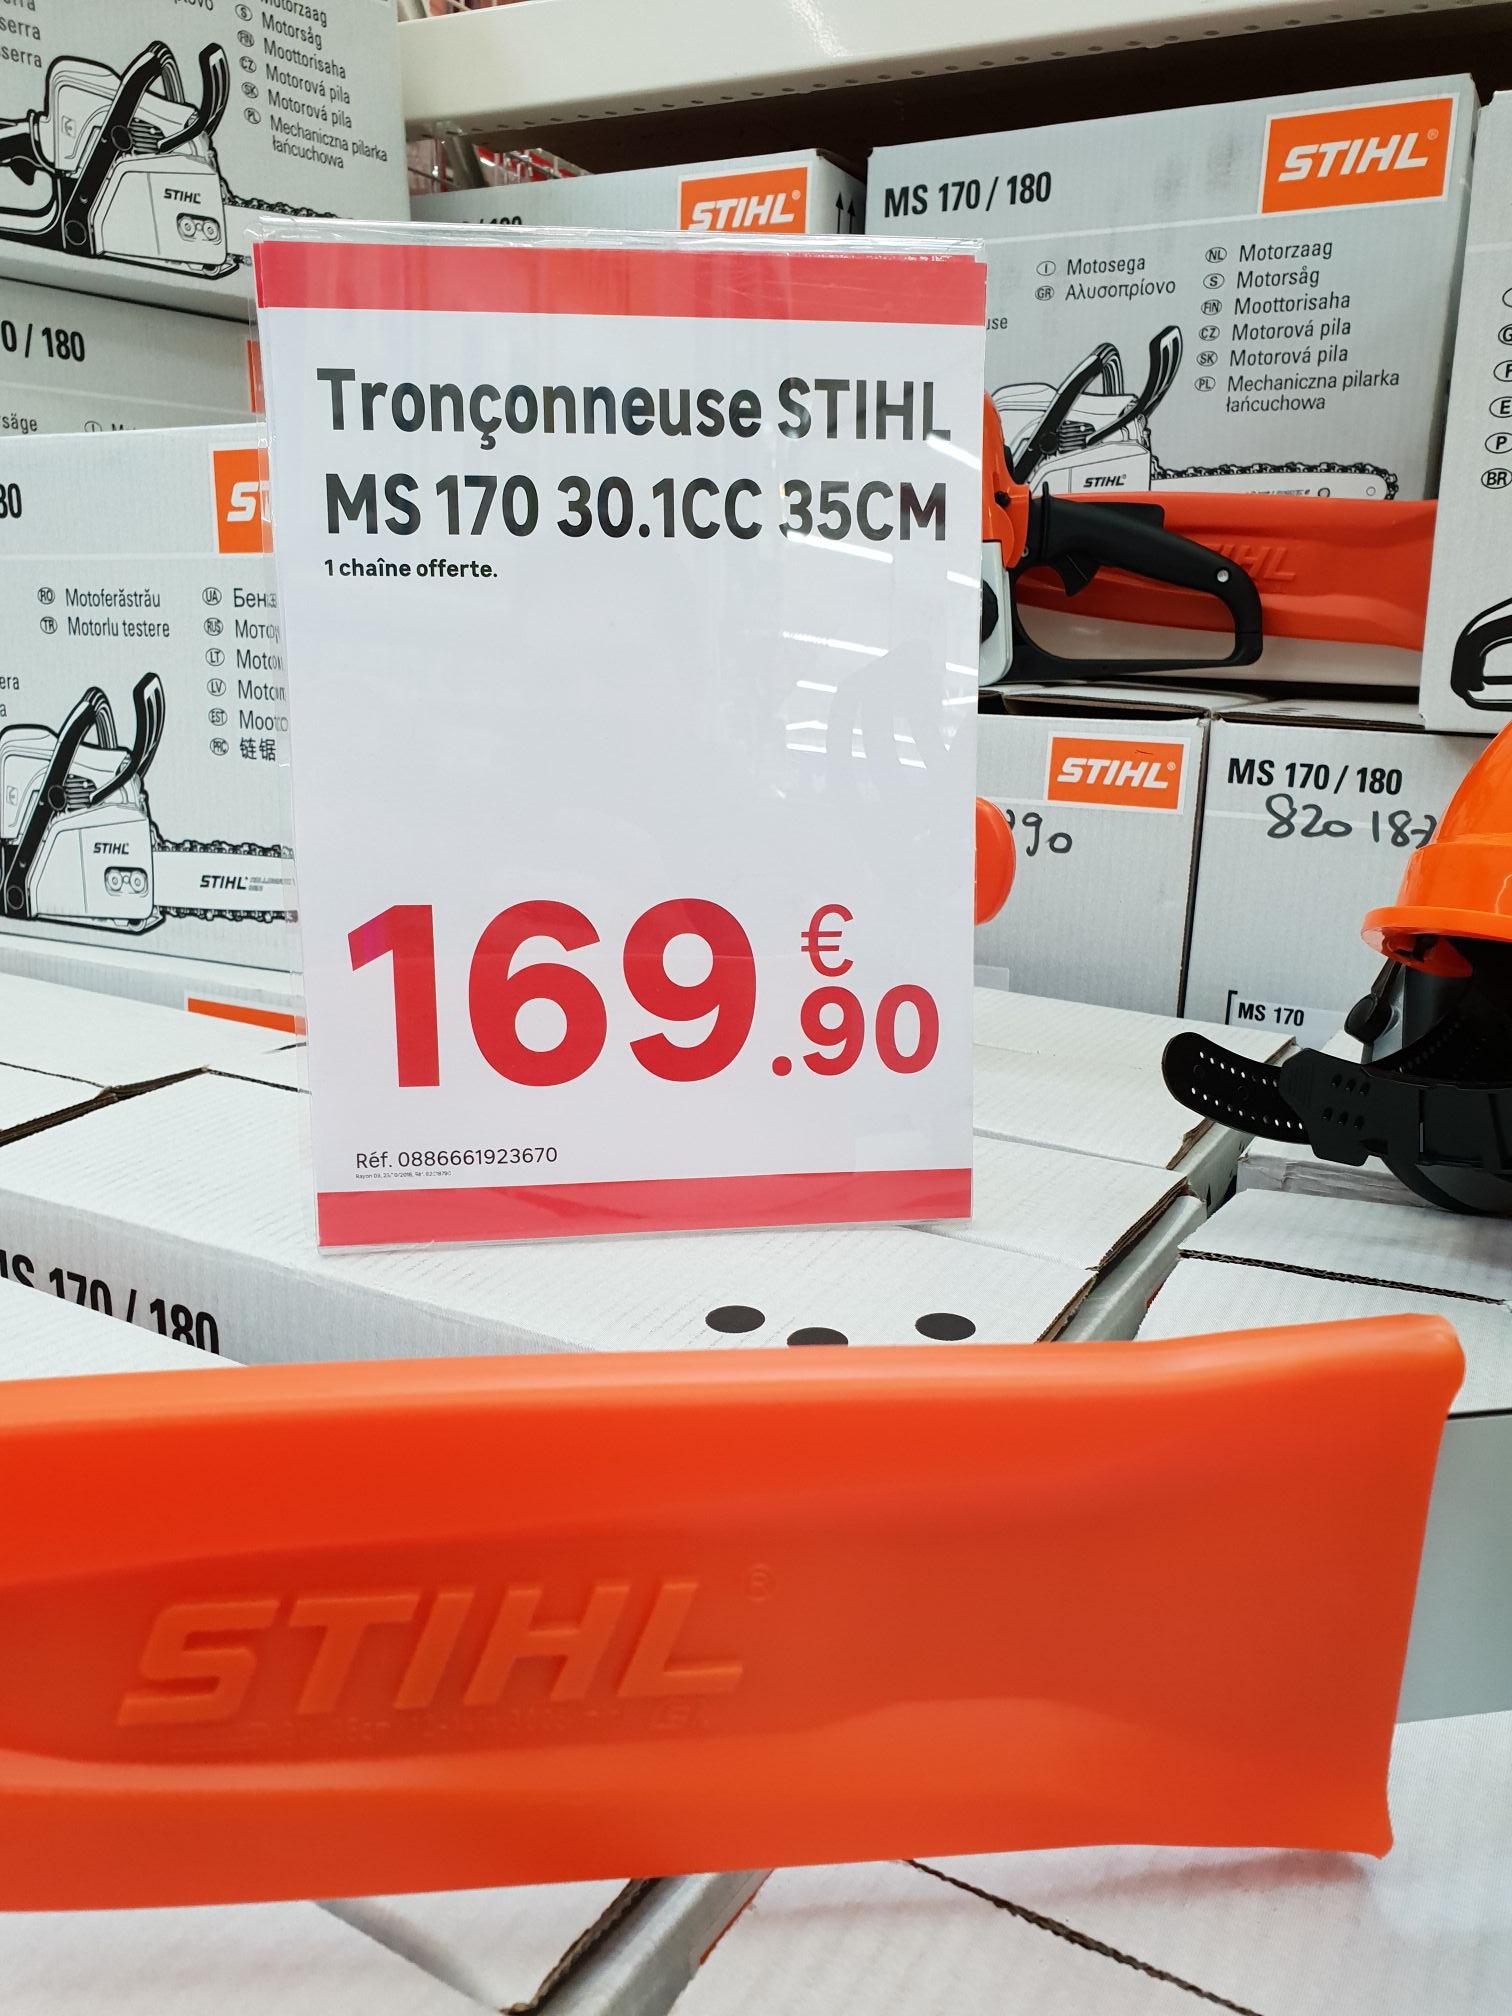 Tronçonneuse thermique Stihl MS17030.1cc + chaîne offerte - Leroy Merlin marsac sur l'isle (24)